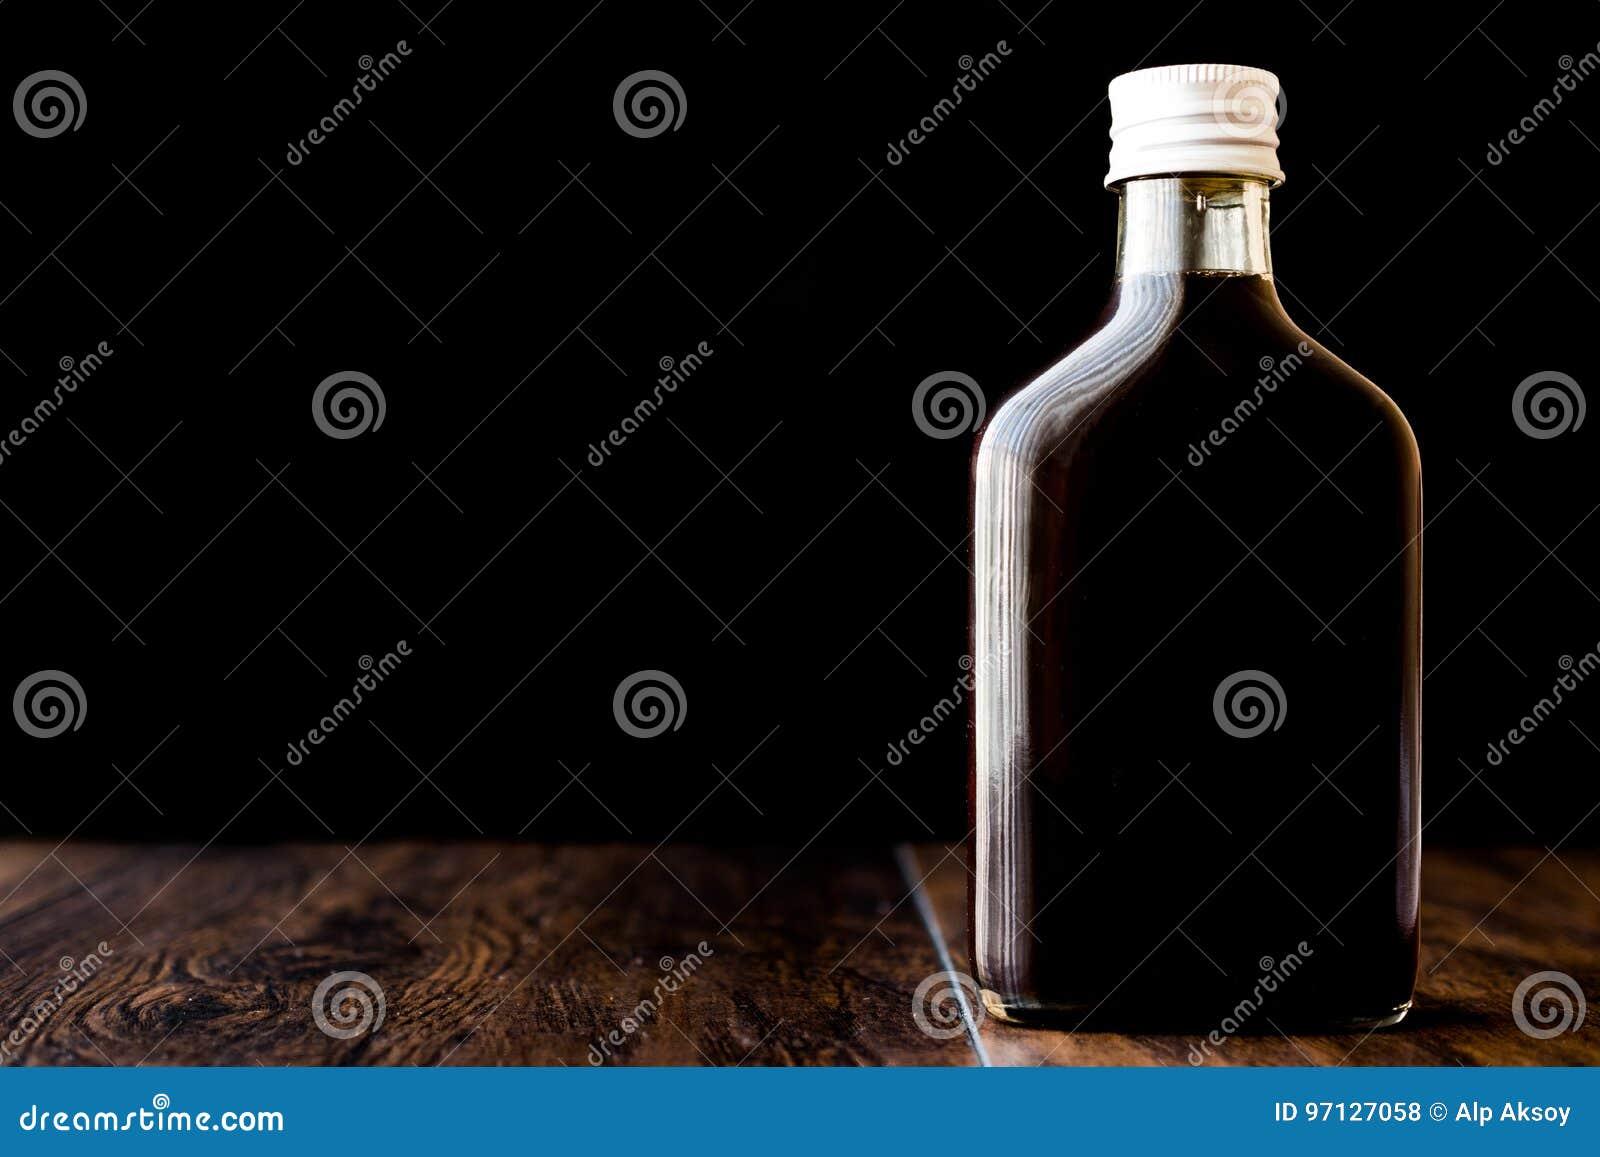 Kallt brygdkaffe i en flaska